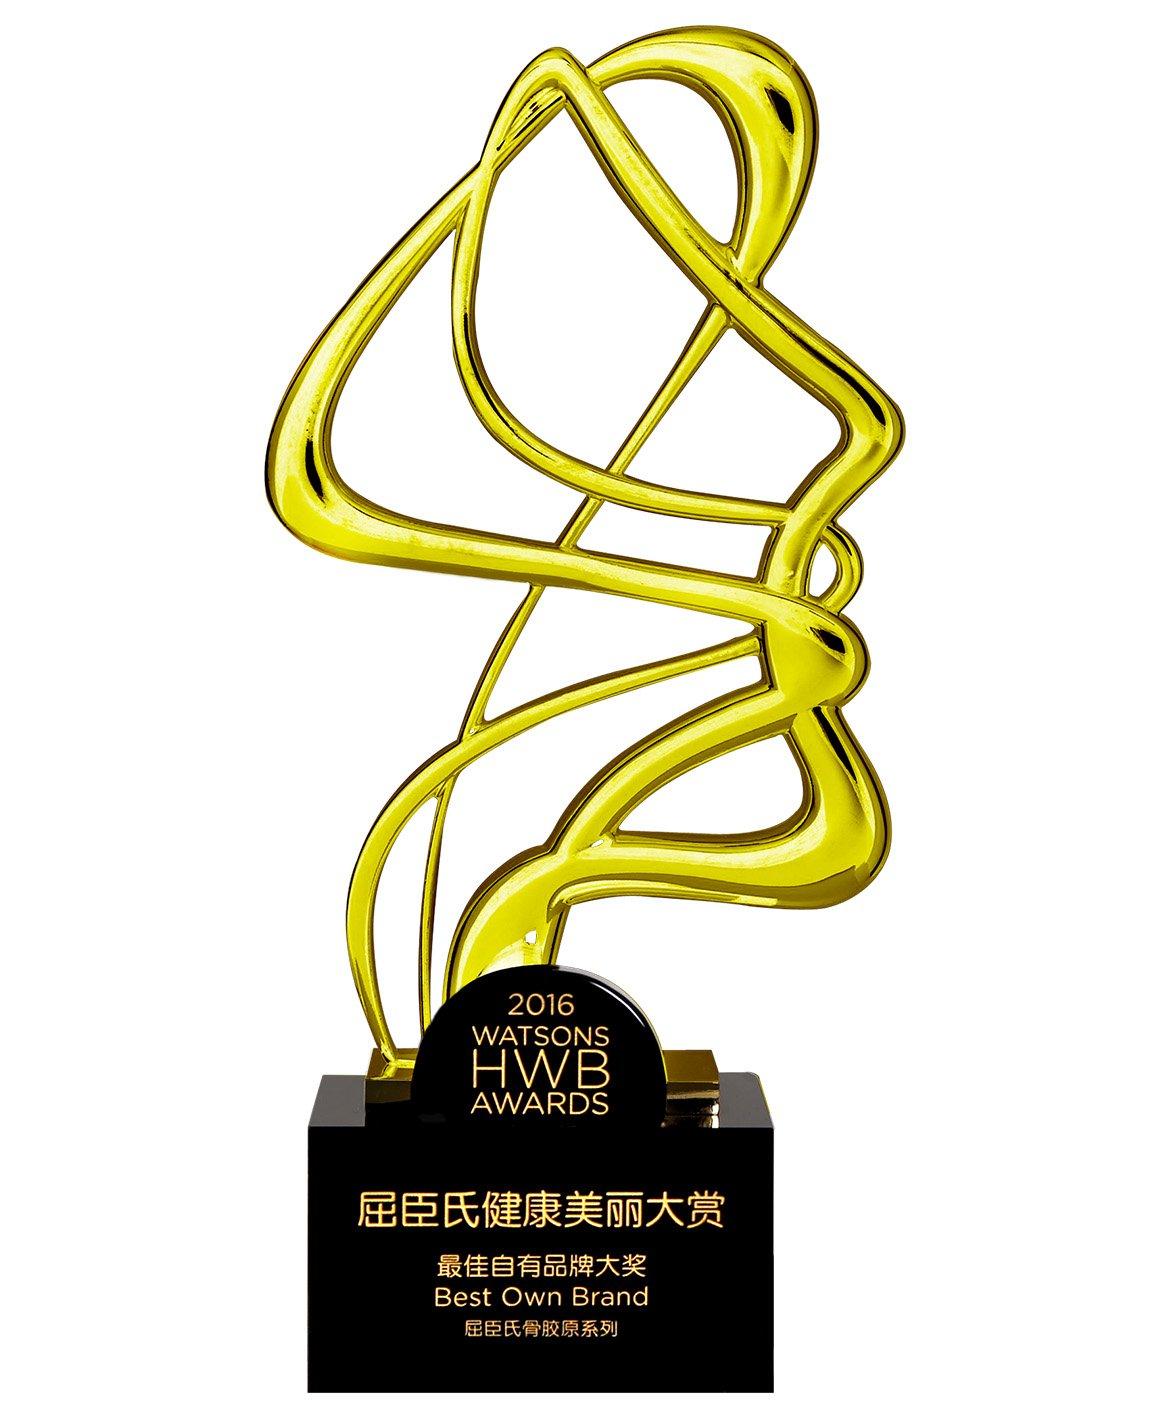 2016屈臣氏健康美丽大赏最佳自有品牌大奖-屈臣氏骨胶原系列(1)